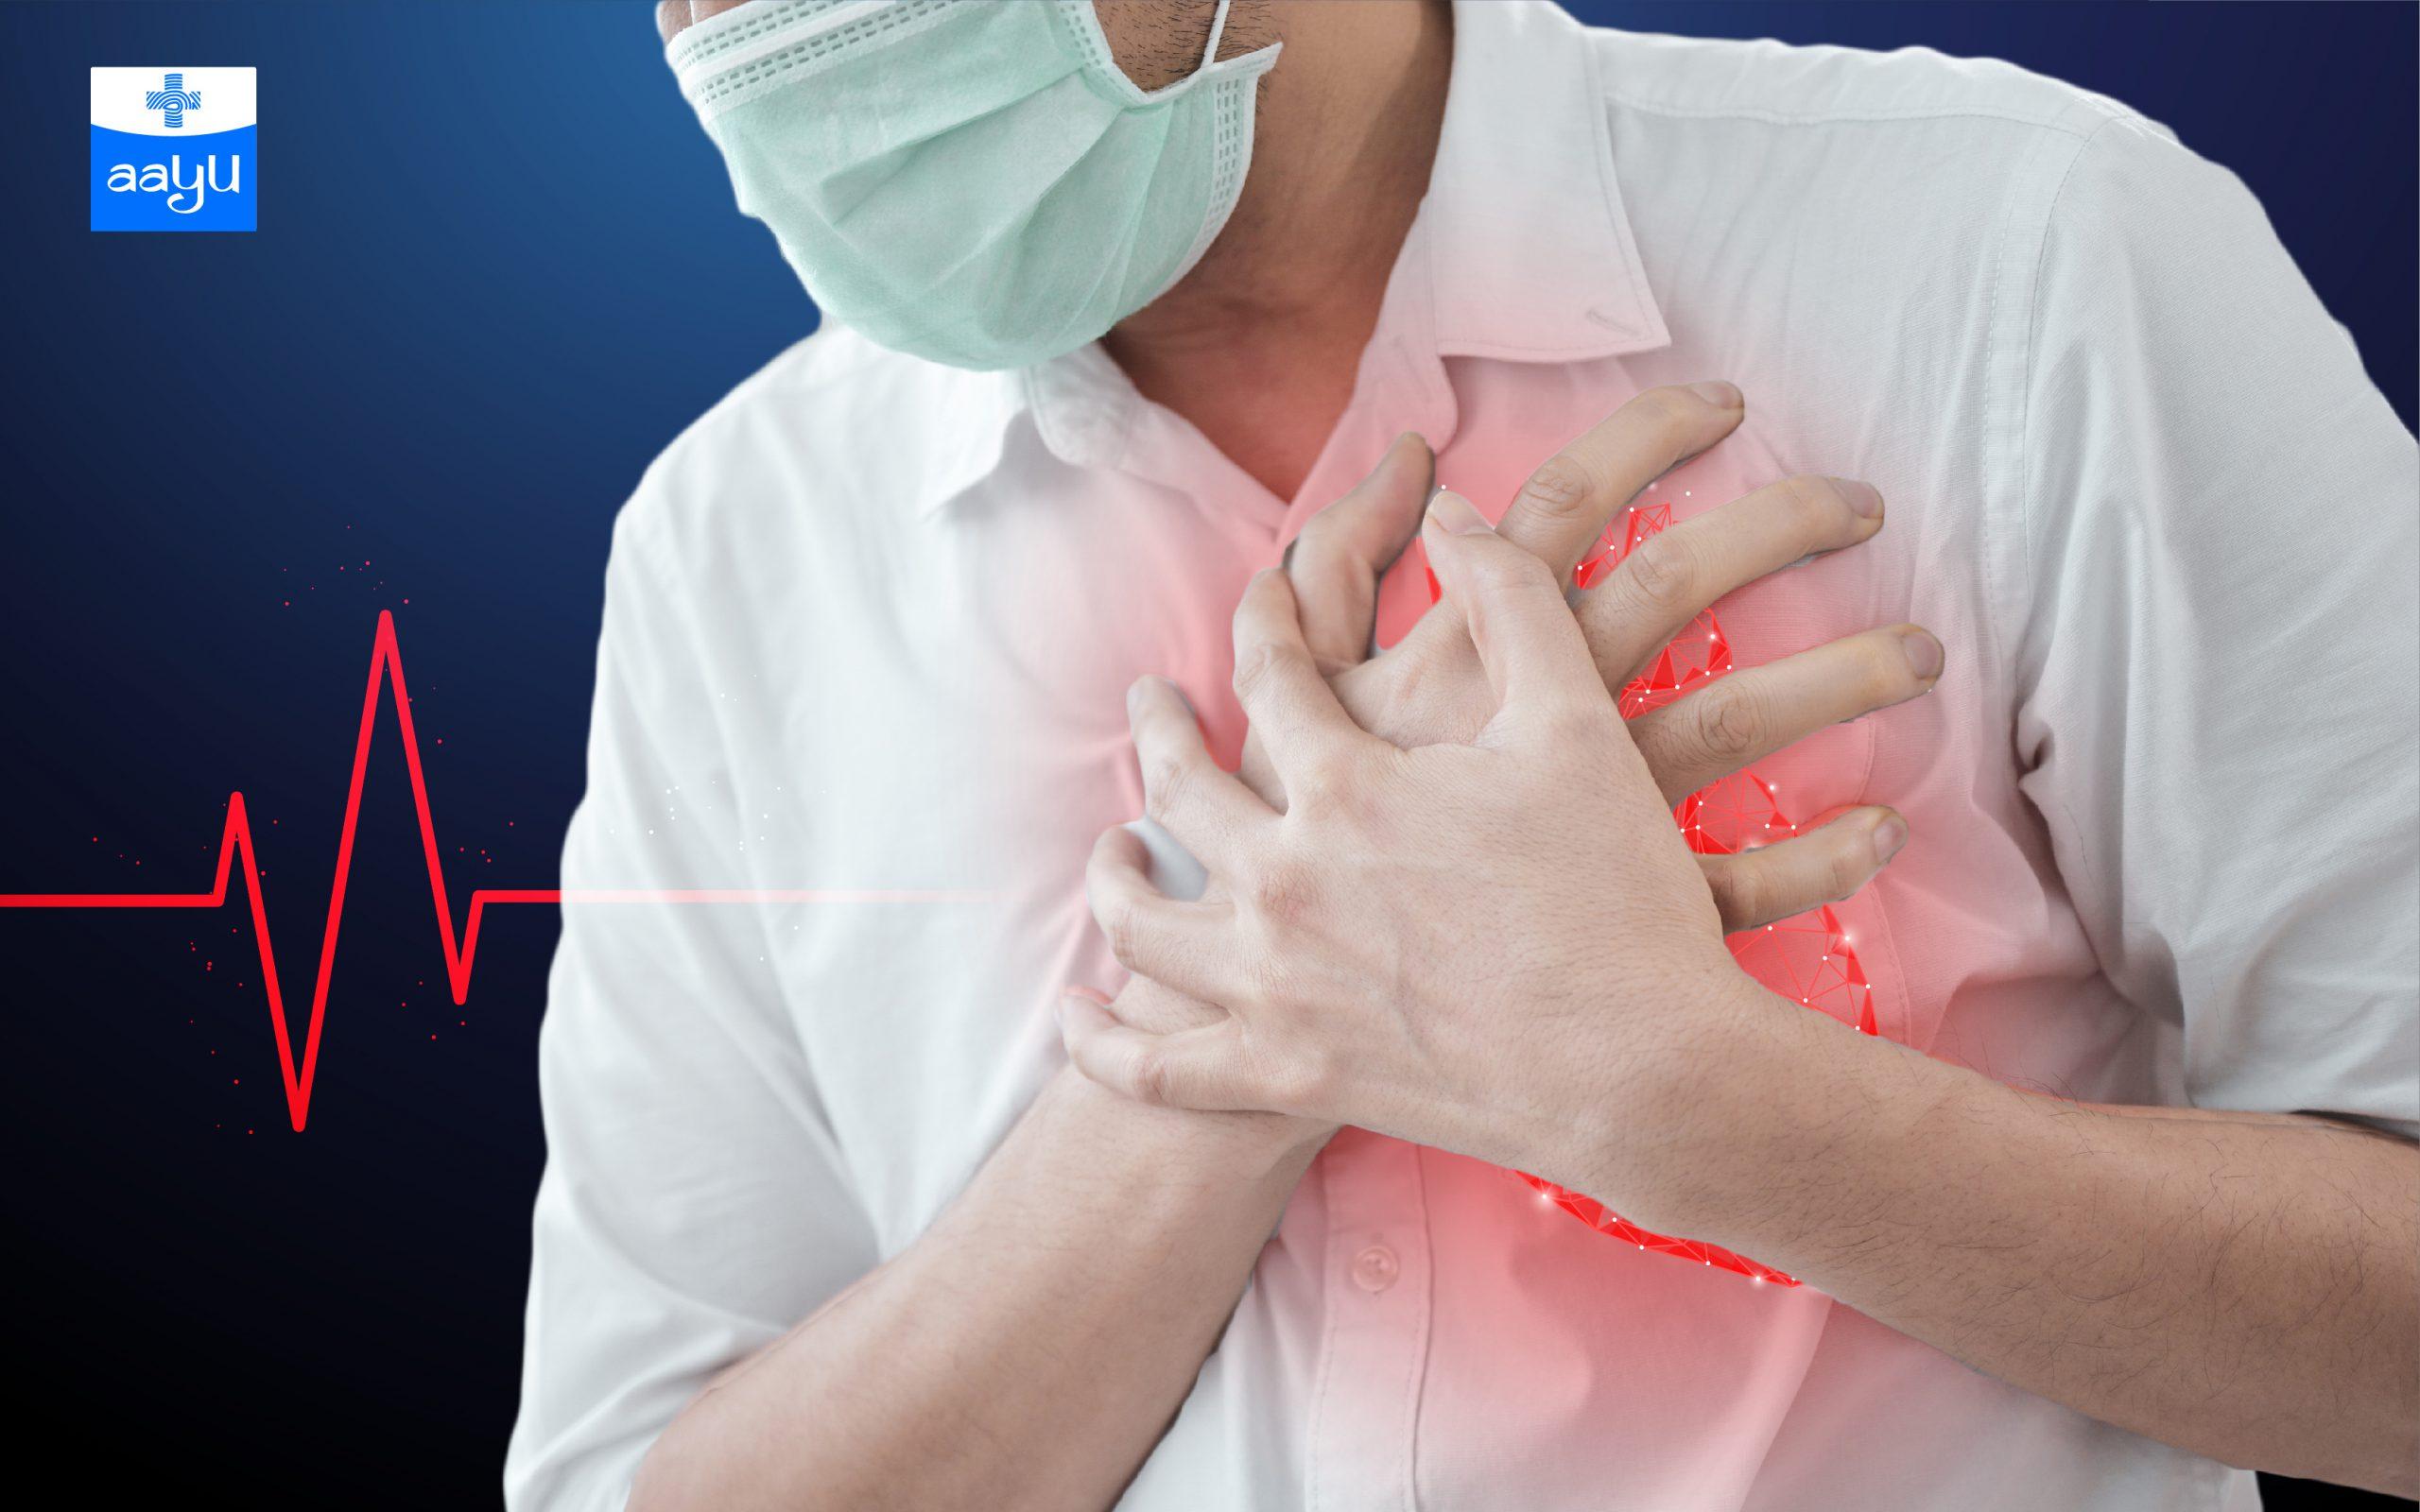 कोरोना मरीजों को हार्ट अटैक का खतरा, जानें, कैसे करें हार्ट अटैक के दर्द की पहचान?